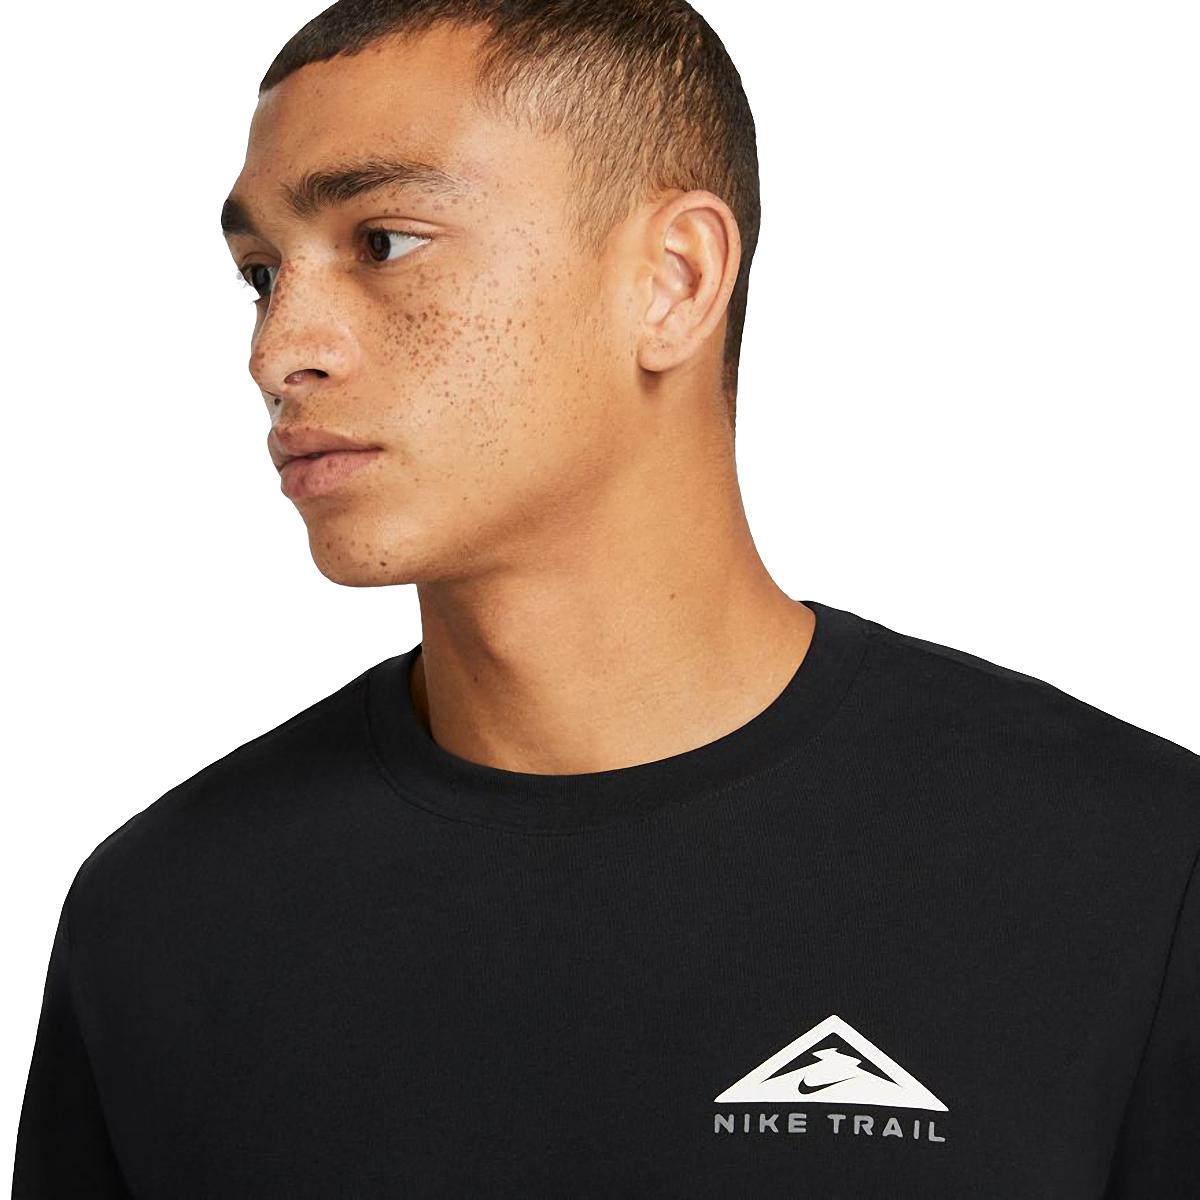 Men's Nike Dri-FIT Long-Sleeve Trail Running T-Shirt - Color: Black - Size: XS, Black, large, image 3